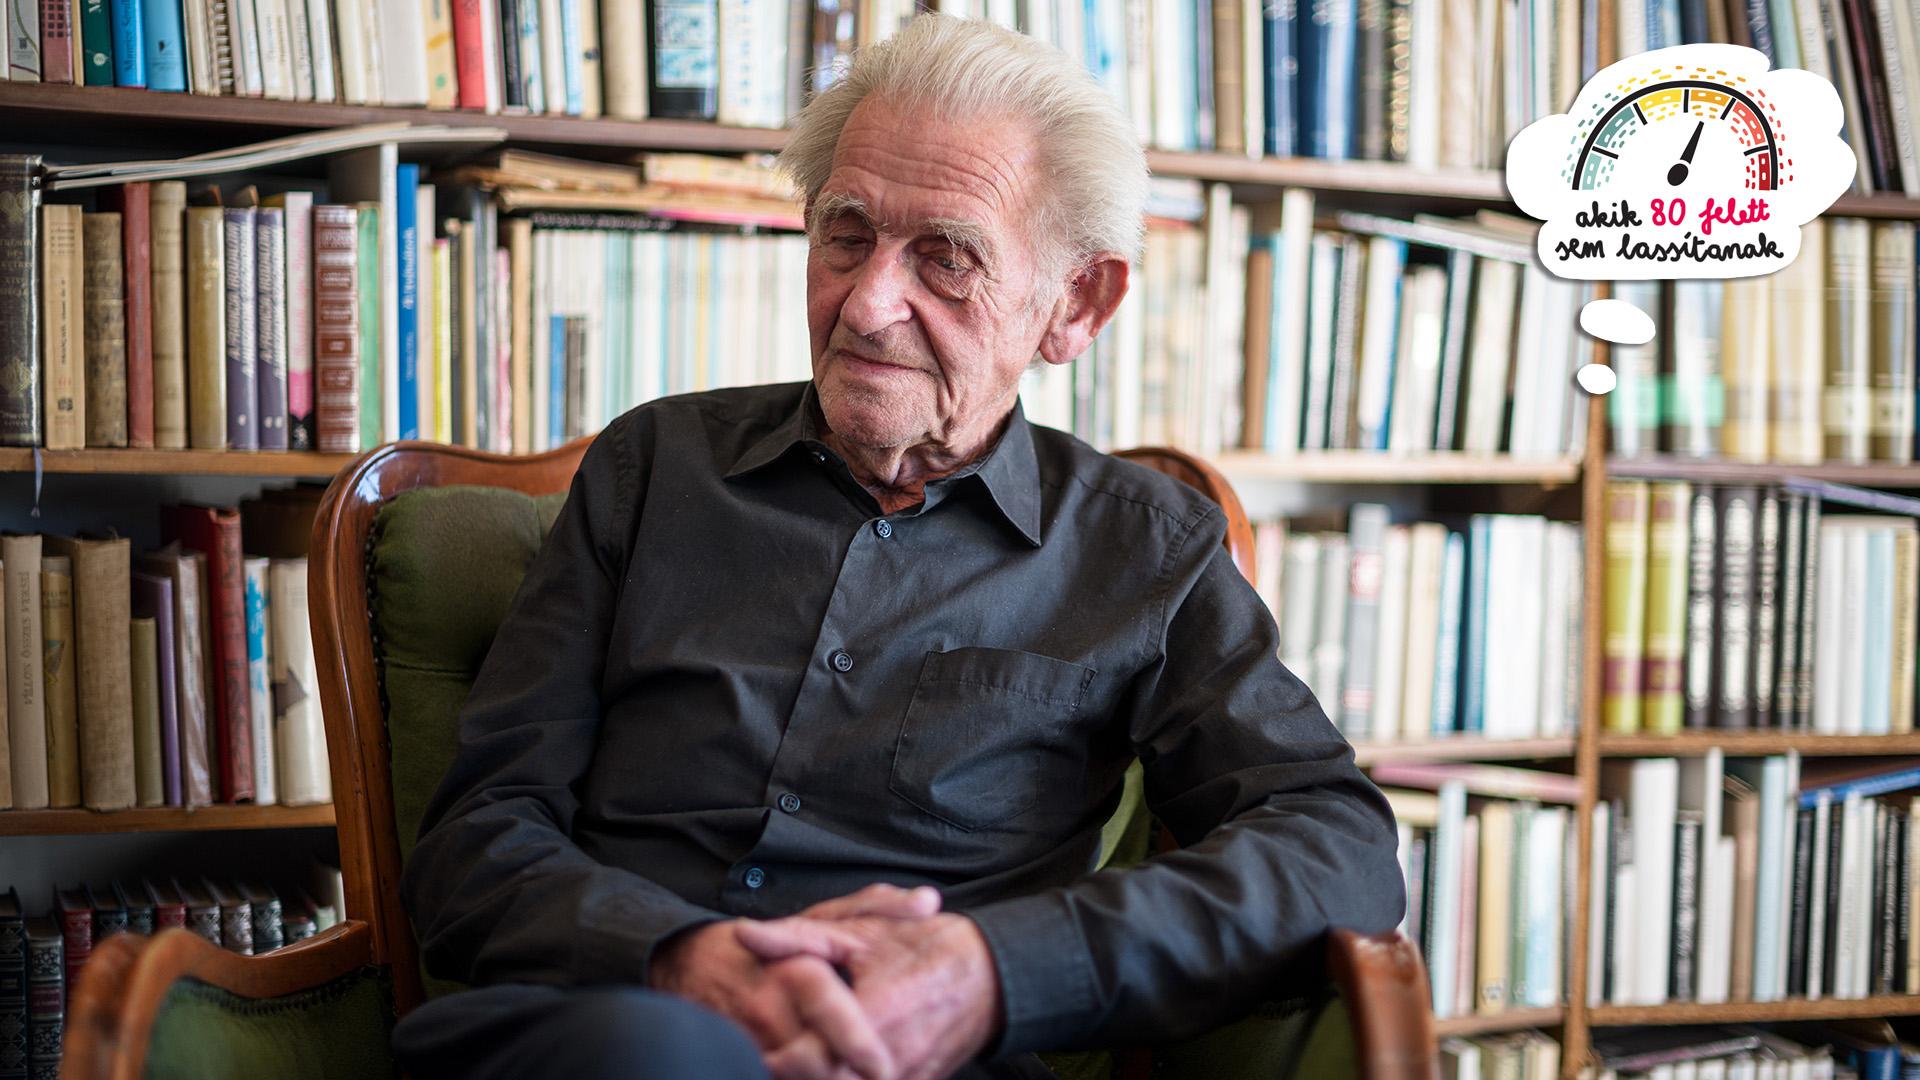 Runtág Tivadar 84 évesen fiatalokat megszégyenítő idővel úszta át a Balatont